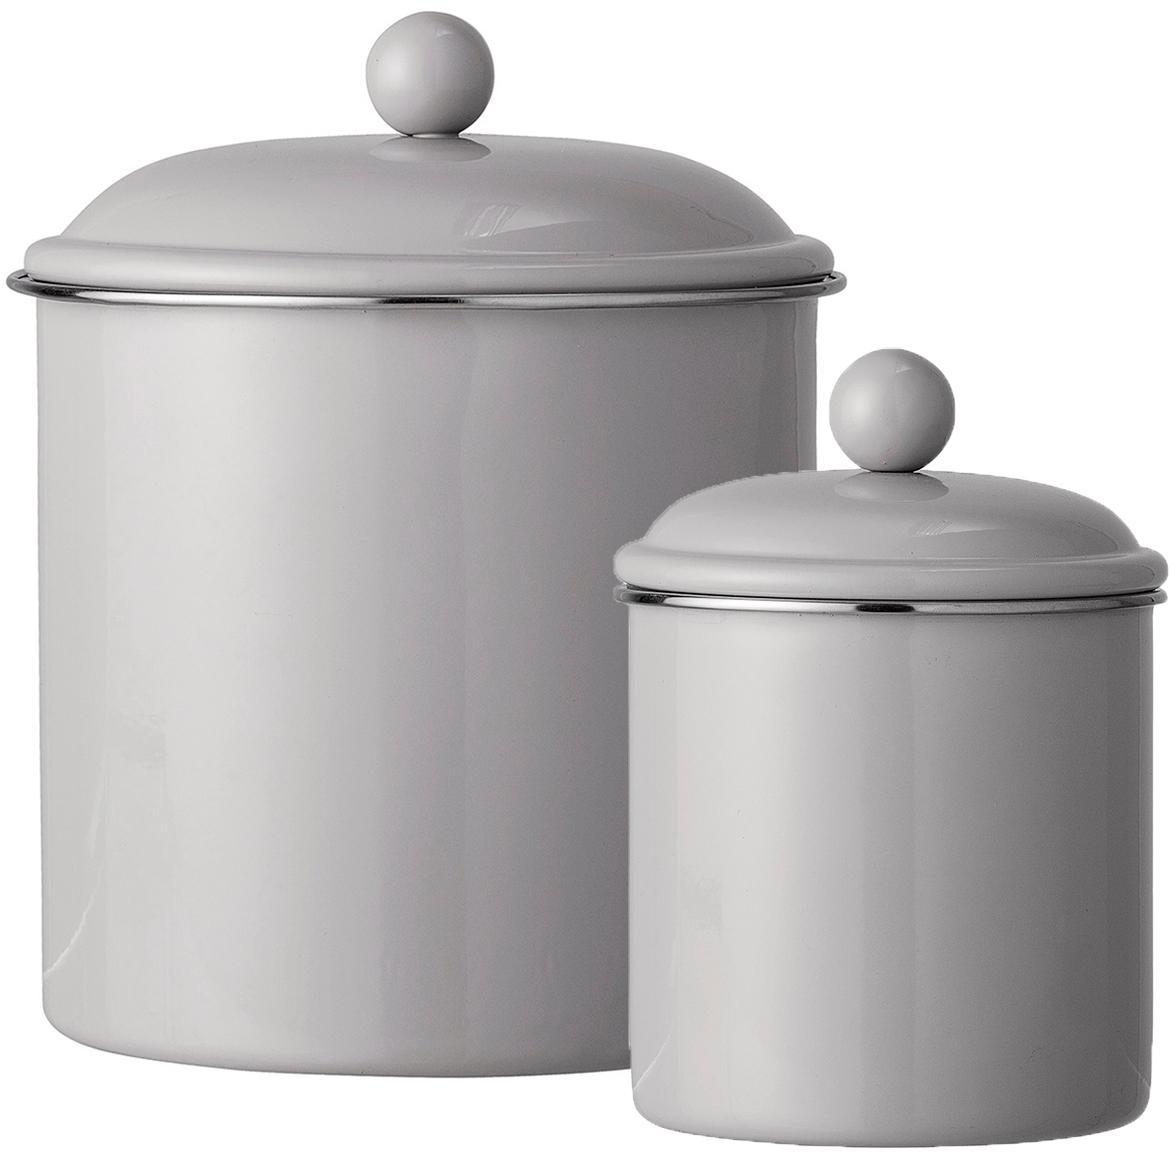 Set 2 contenitori Clone, Metallo verniciato, Marrone chiaro, Set in varie misure